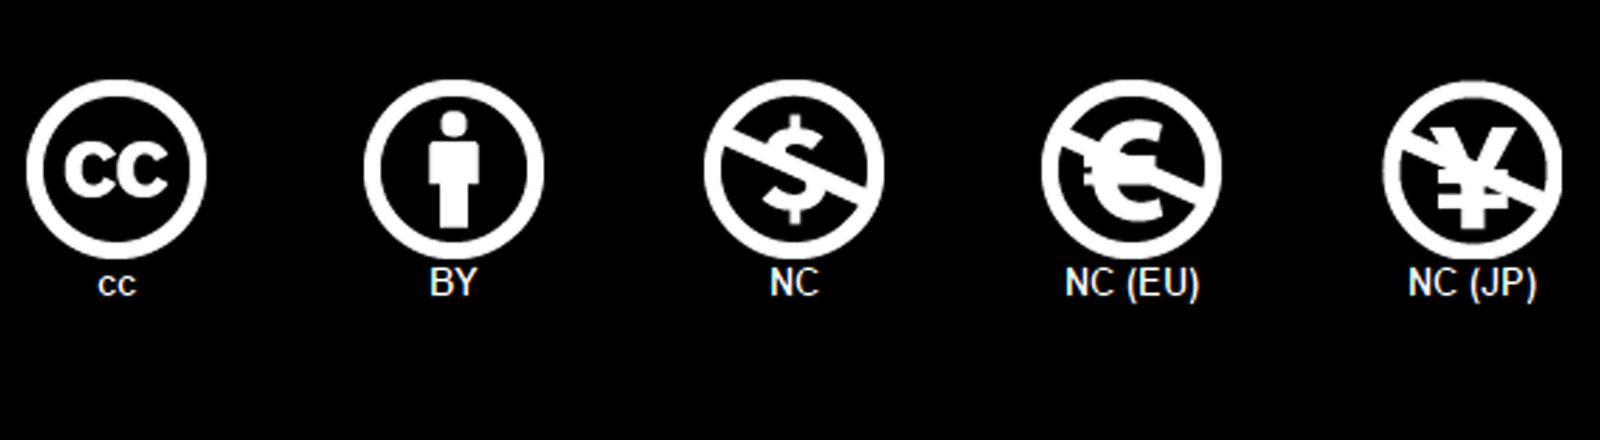 Verschiedene CC-Lizenzen